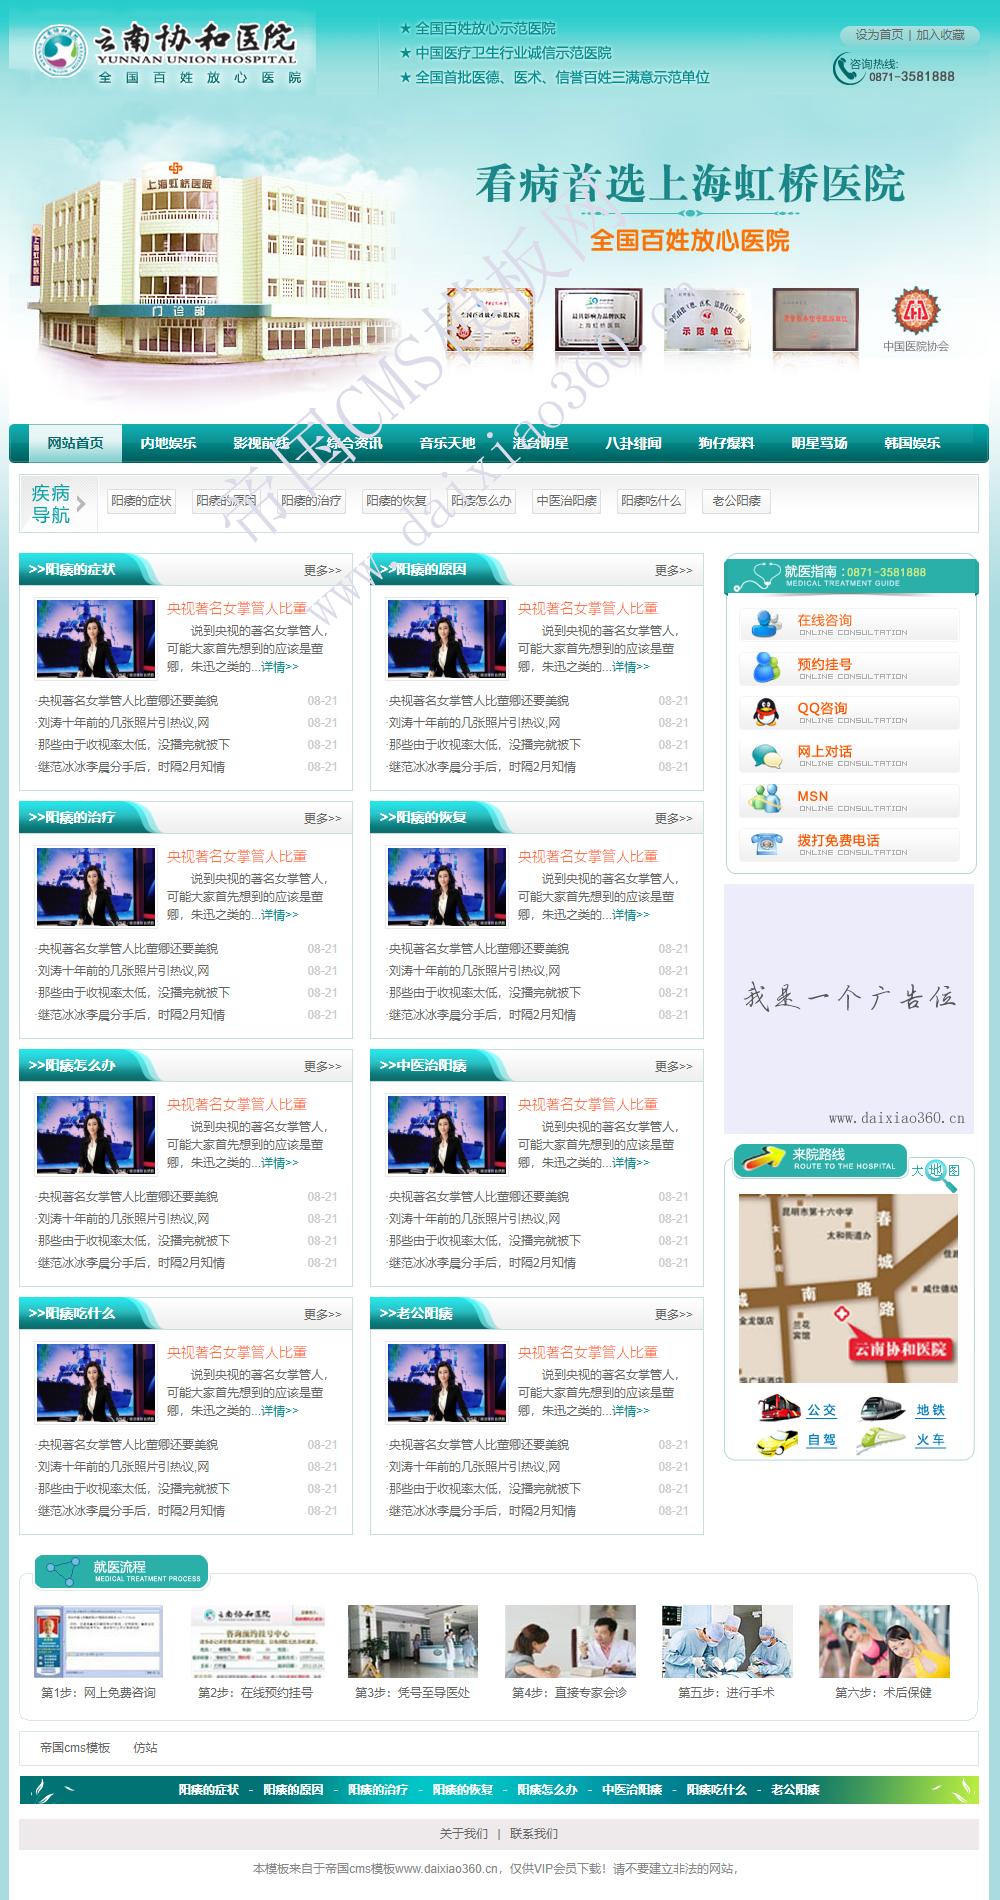 帝国cms医院网站模板-首页